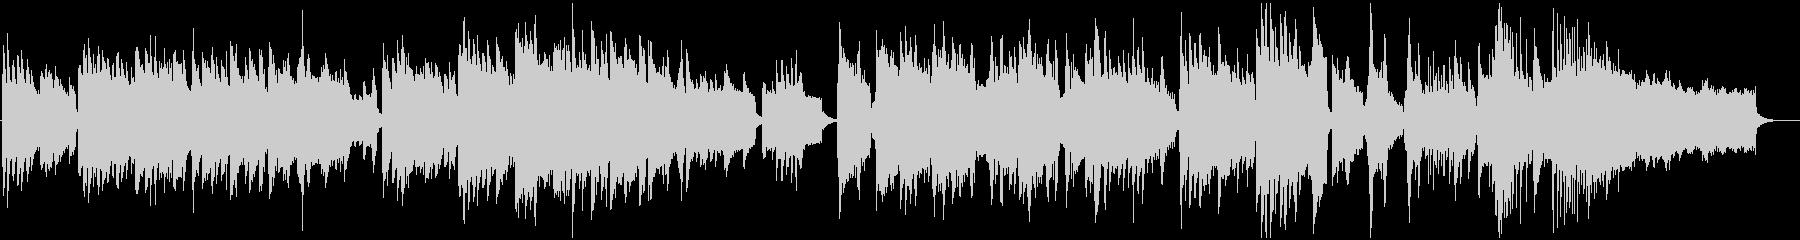 ノスタルジックで少し切ないBGMの未再生の波形